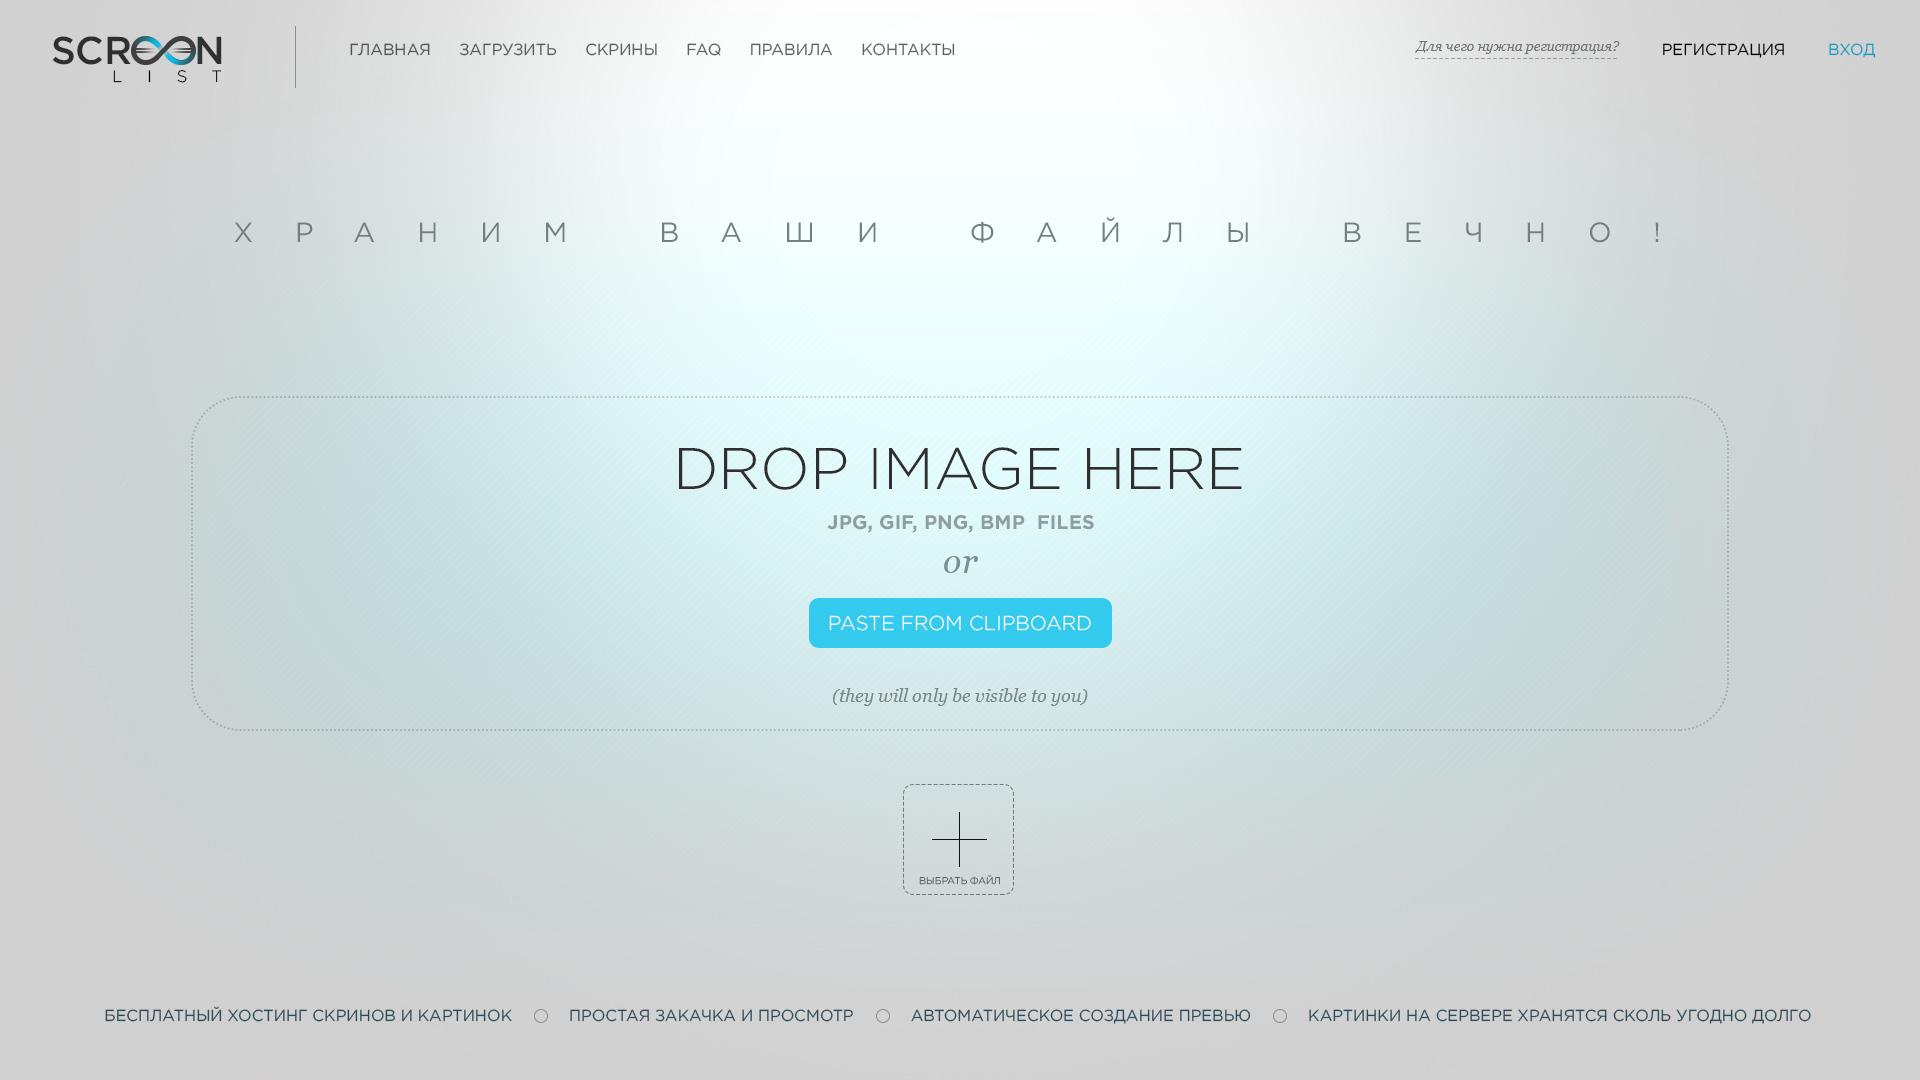 Безлимитный фотохостинг ScreenList.ru требует новый дизайн фото f_10759b939c8a4935.jpg